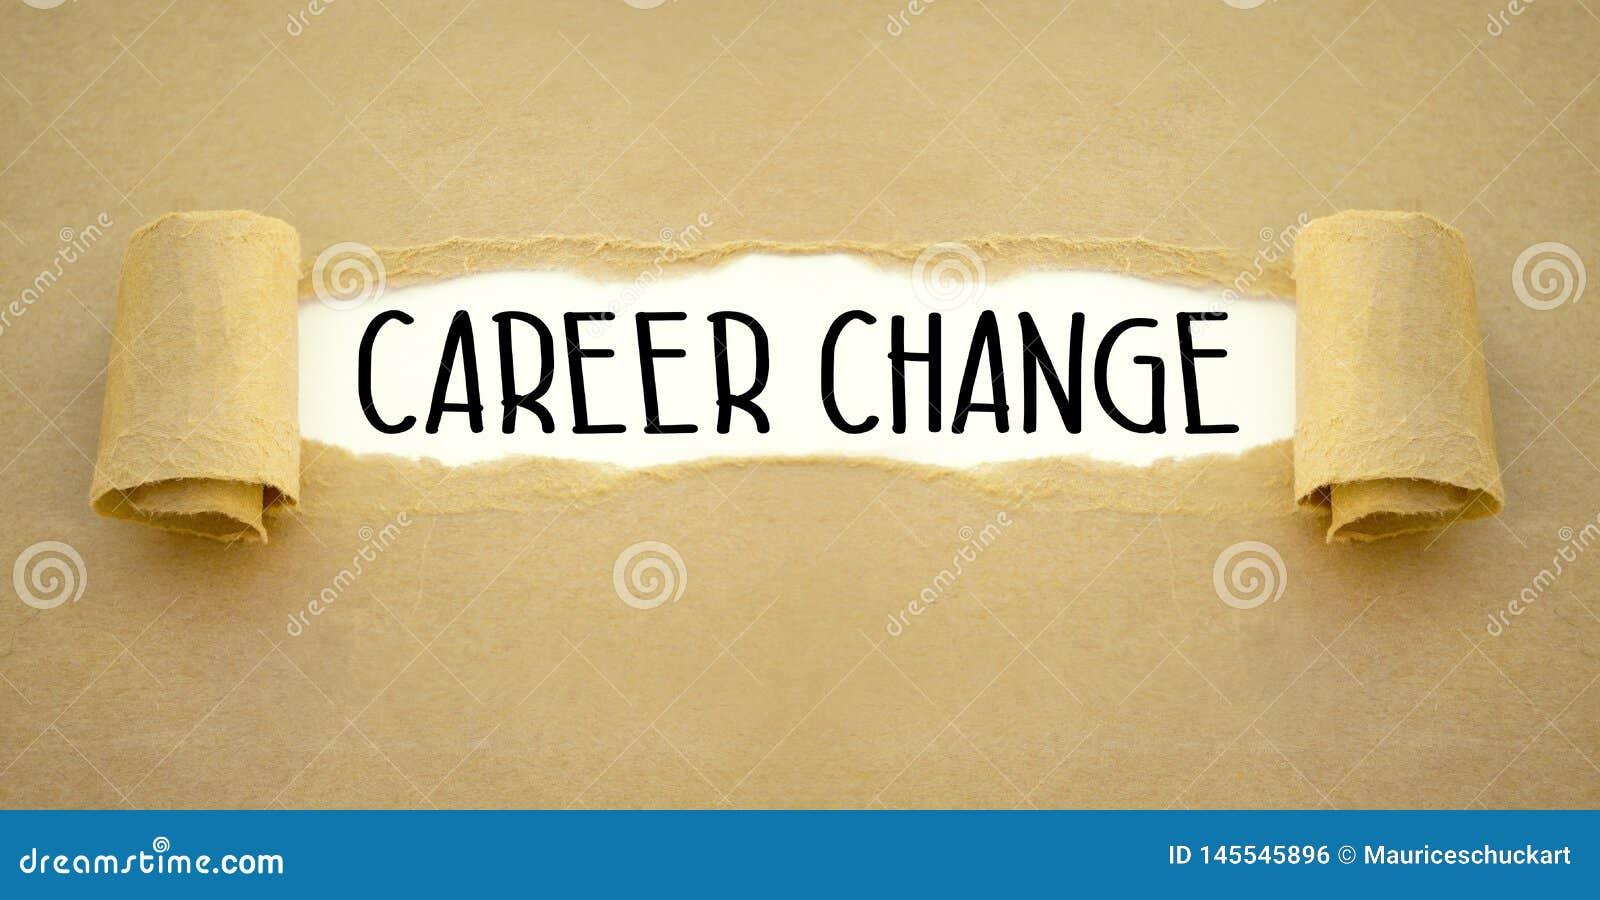 Обработка документов с изменением карьеры